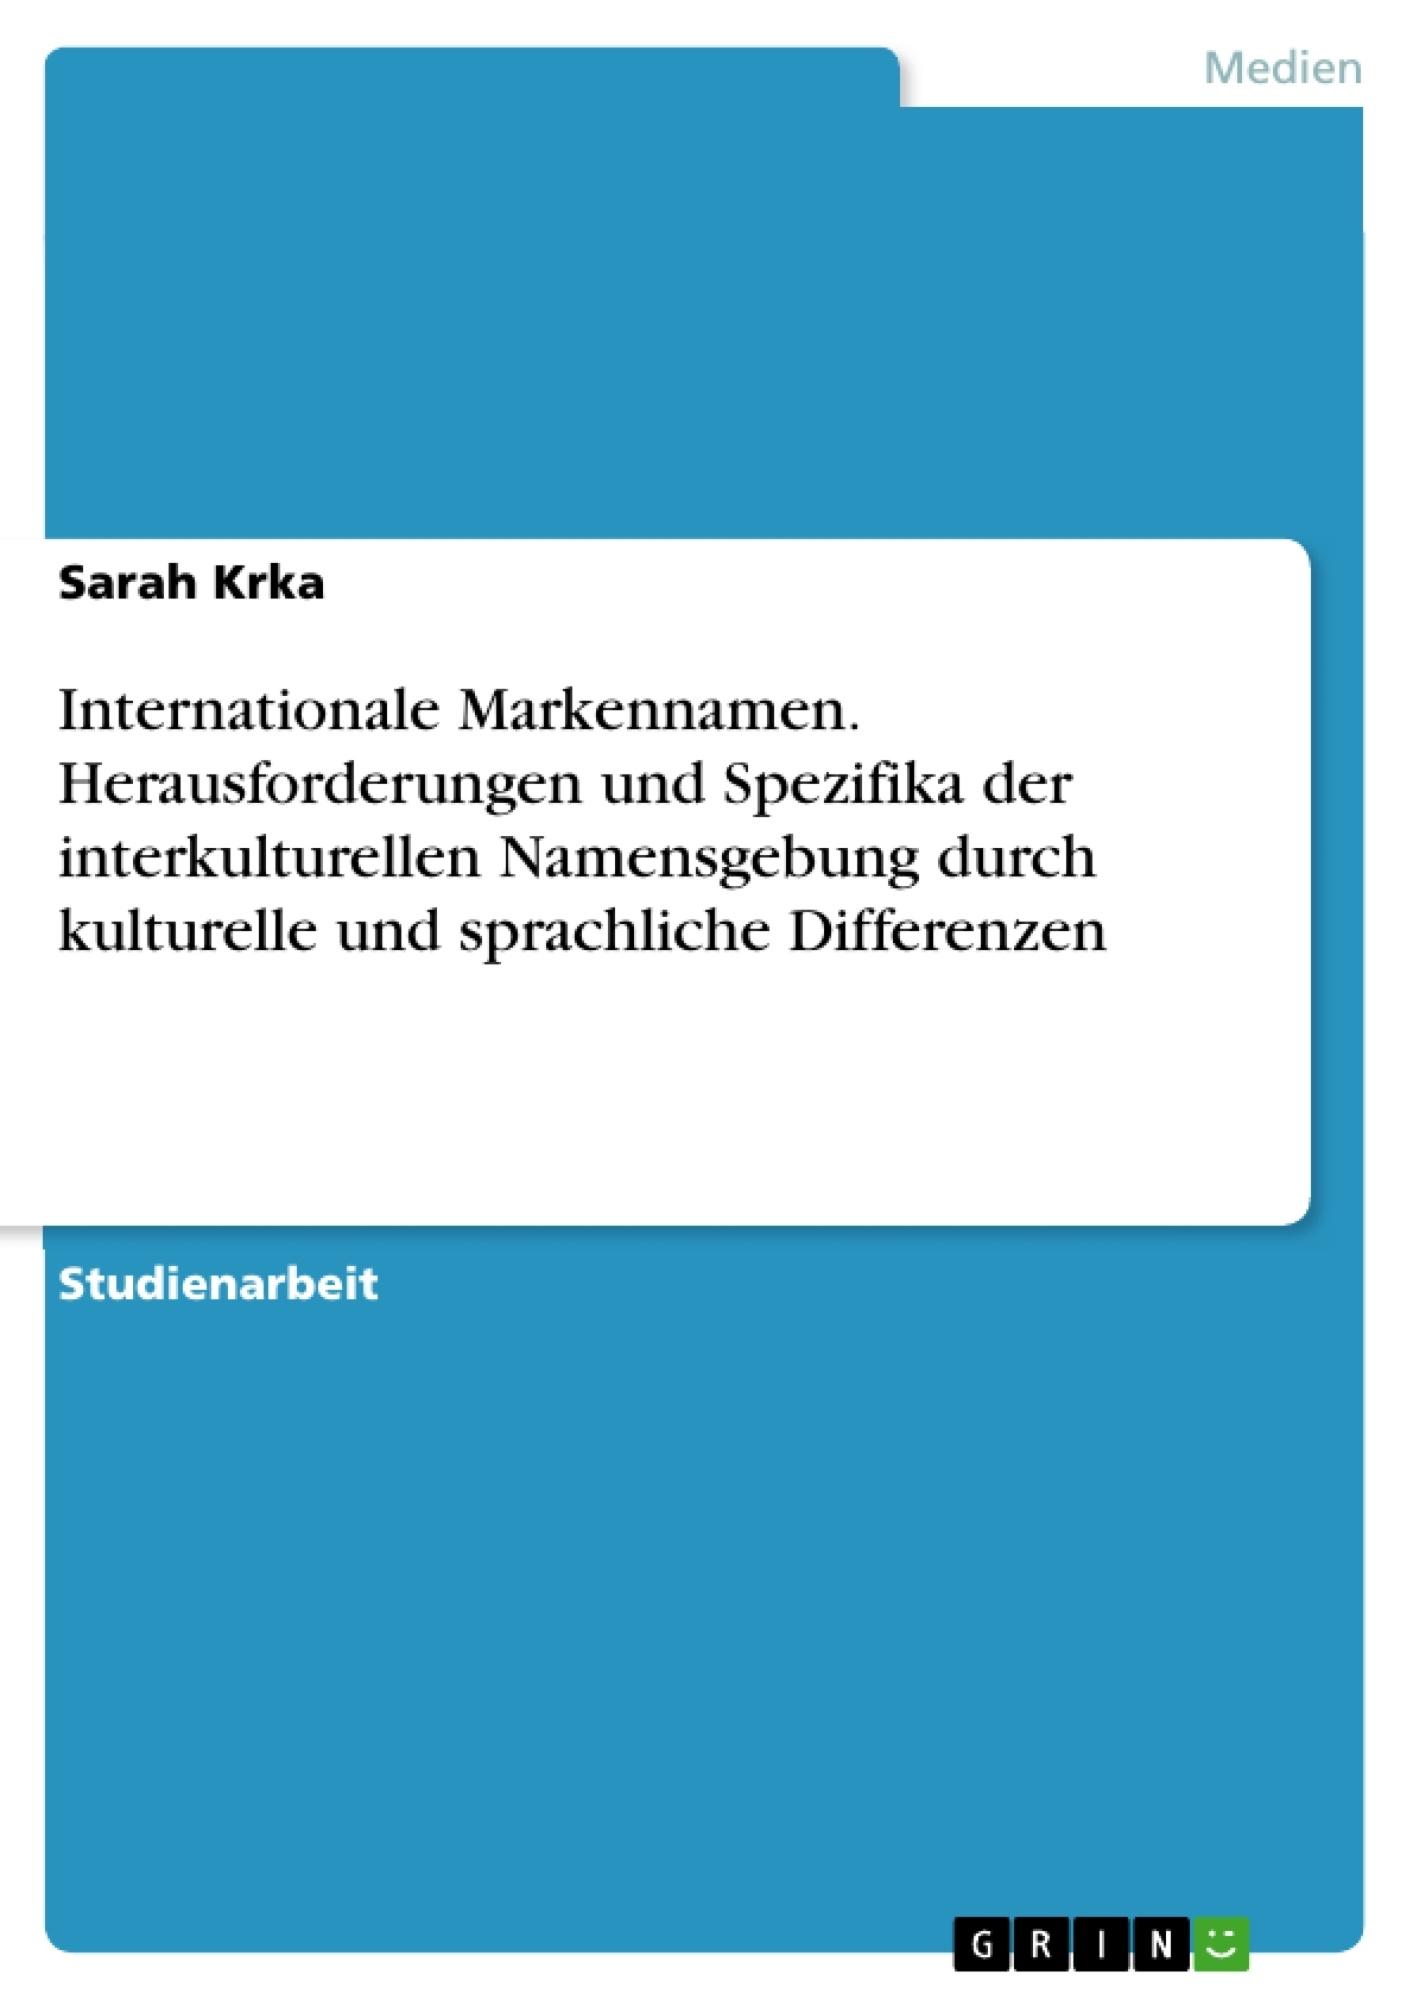 Titel: Internationale Markennamen. Herausforderungen und Spezifika der interkulturellen Namensgebung durch kulturelle und sprachliche Differenzen